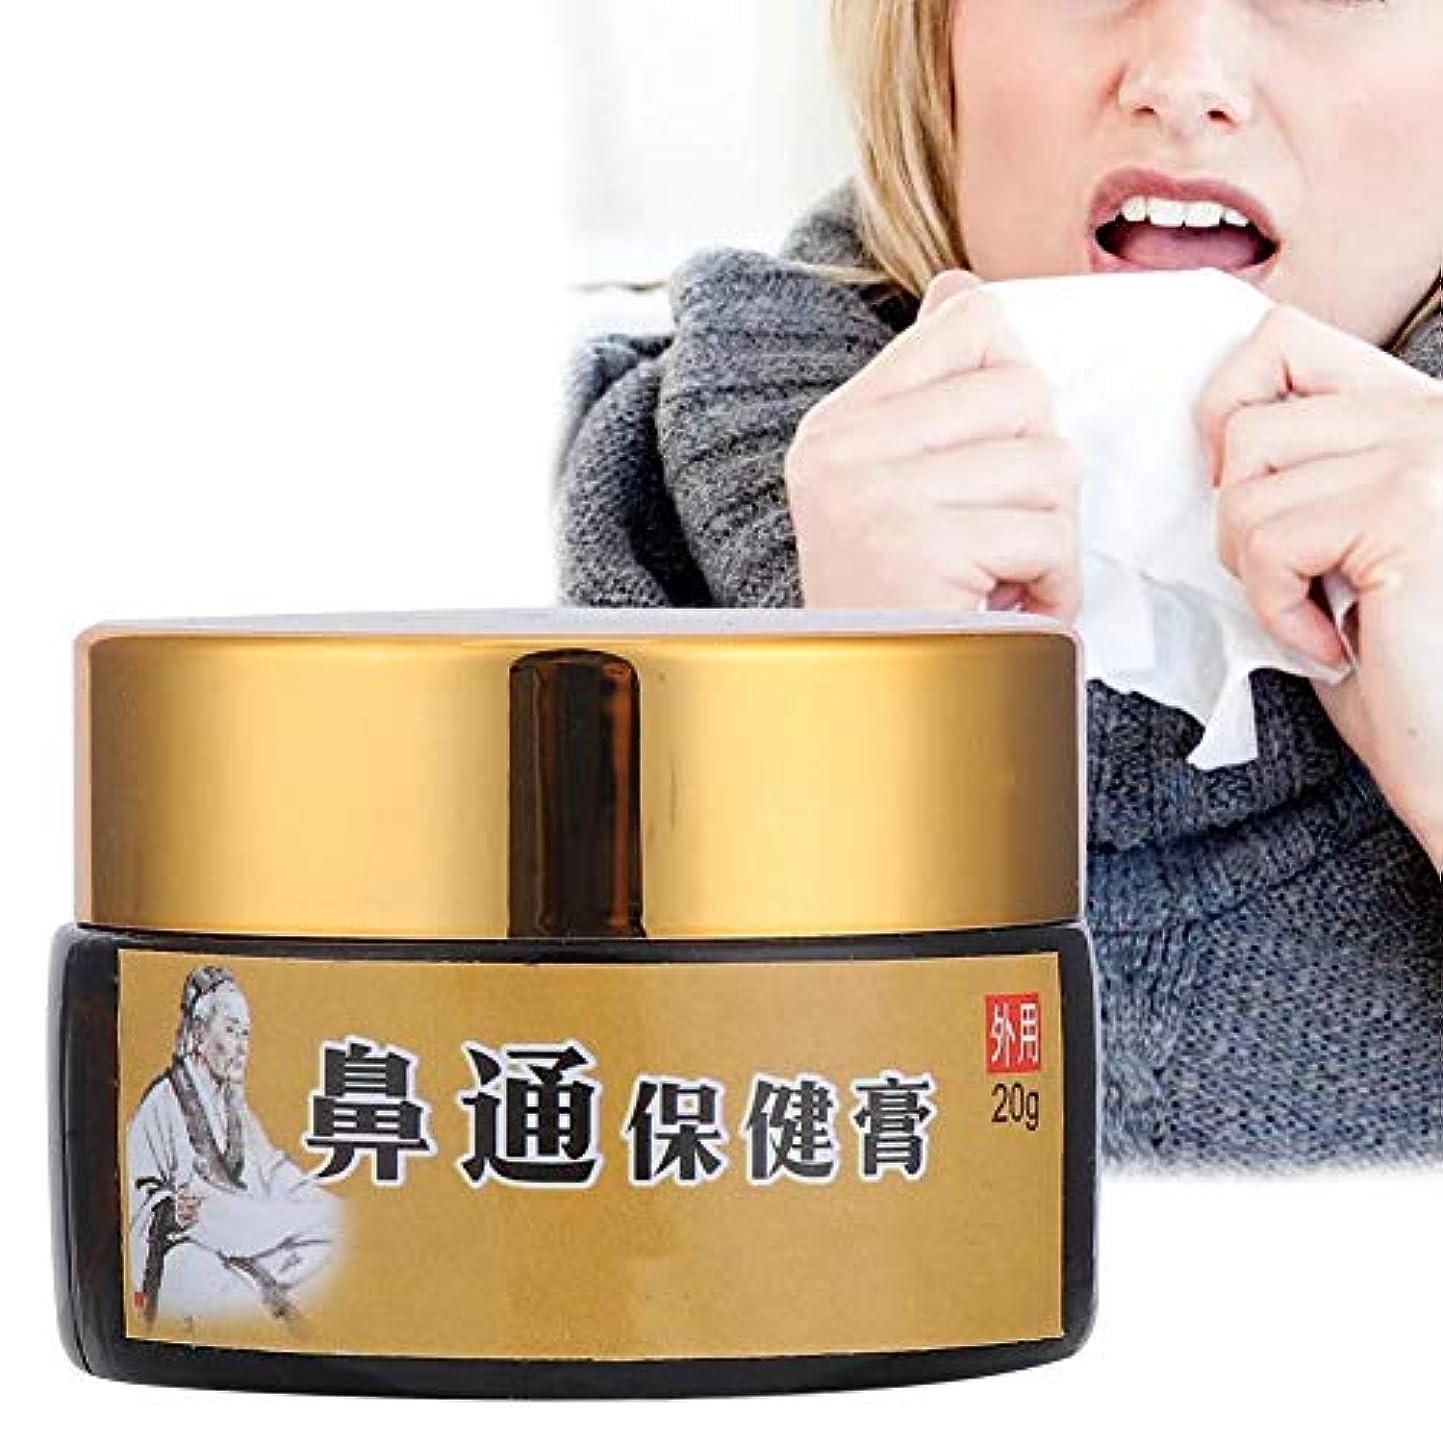 原子炉努力警報鼻炎副鼻腔炎鼻クリーム、20g鼻詰まりジェルかゆみくしゃみ鼻詰まりクリーム